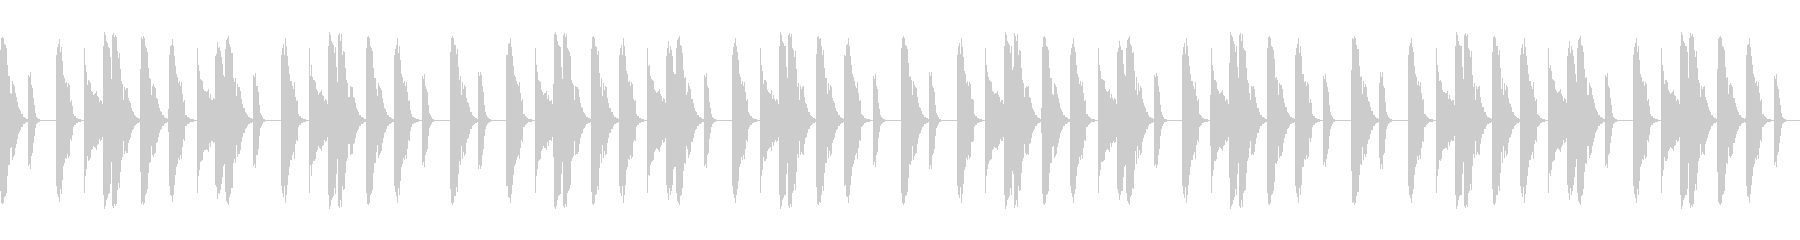 Boombap系ヒップホップビート8小節の未再生の波形